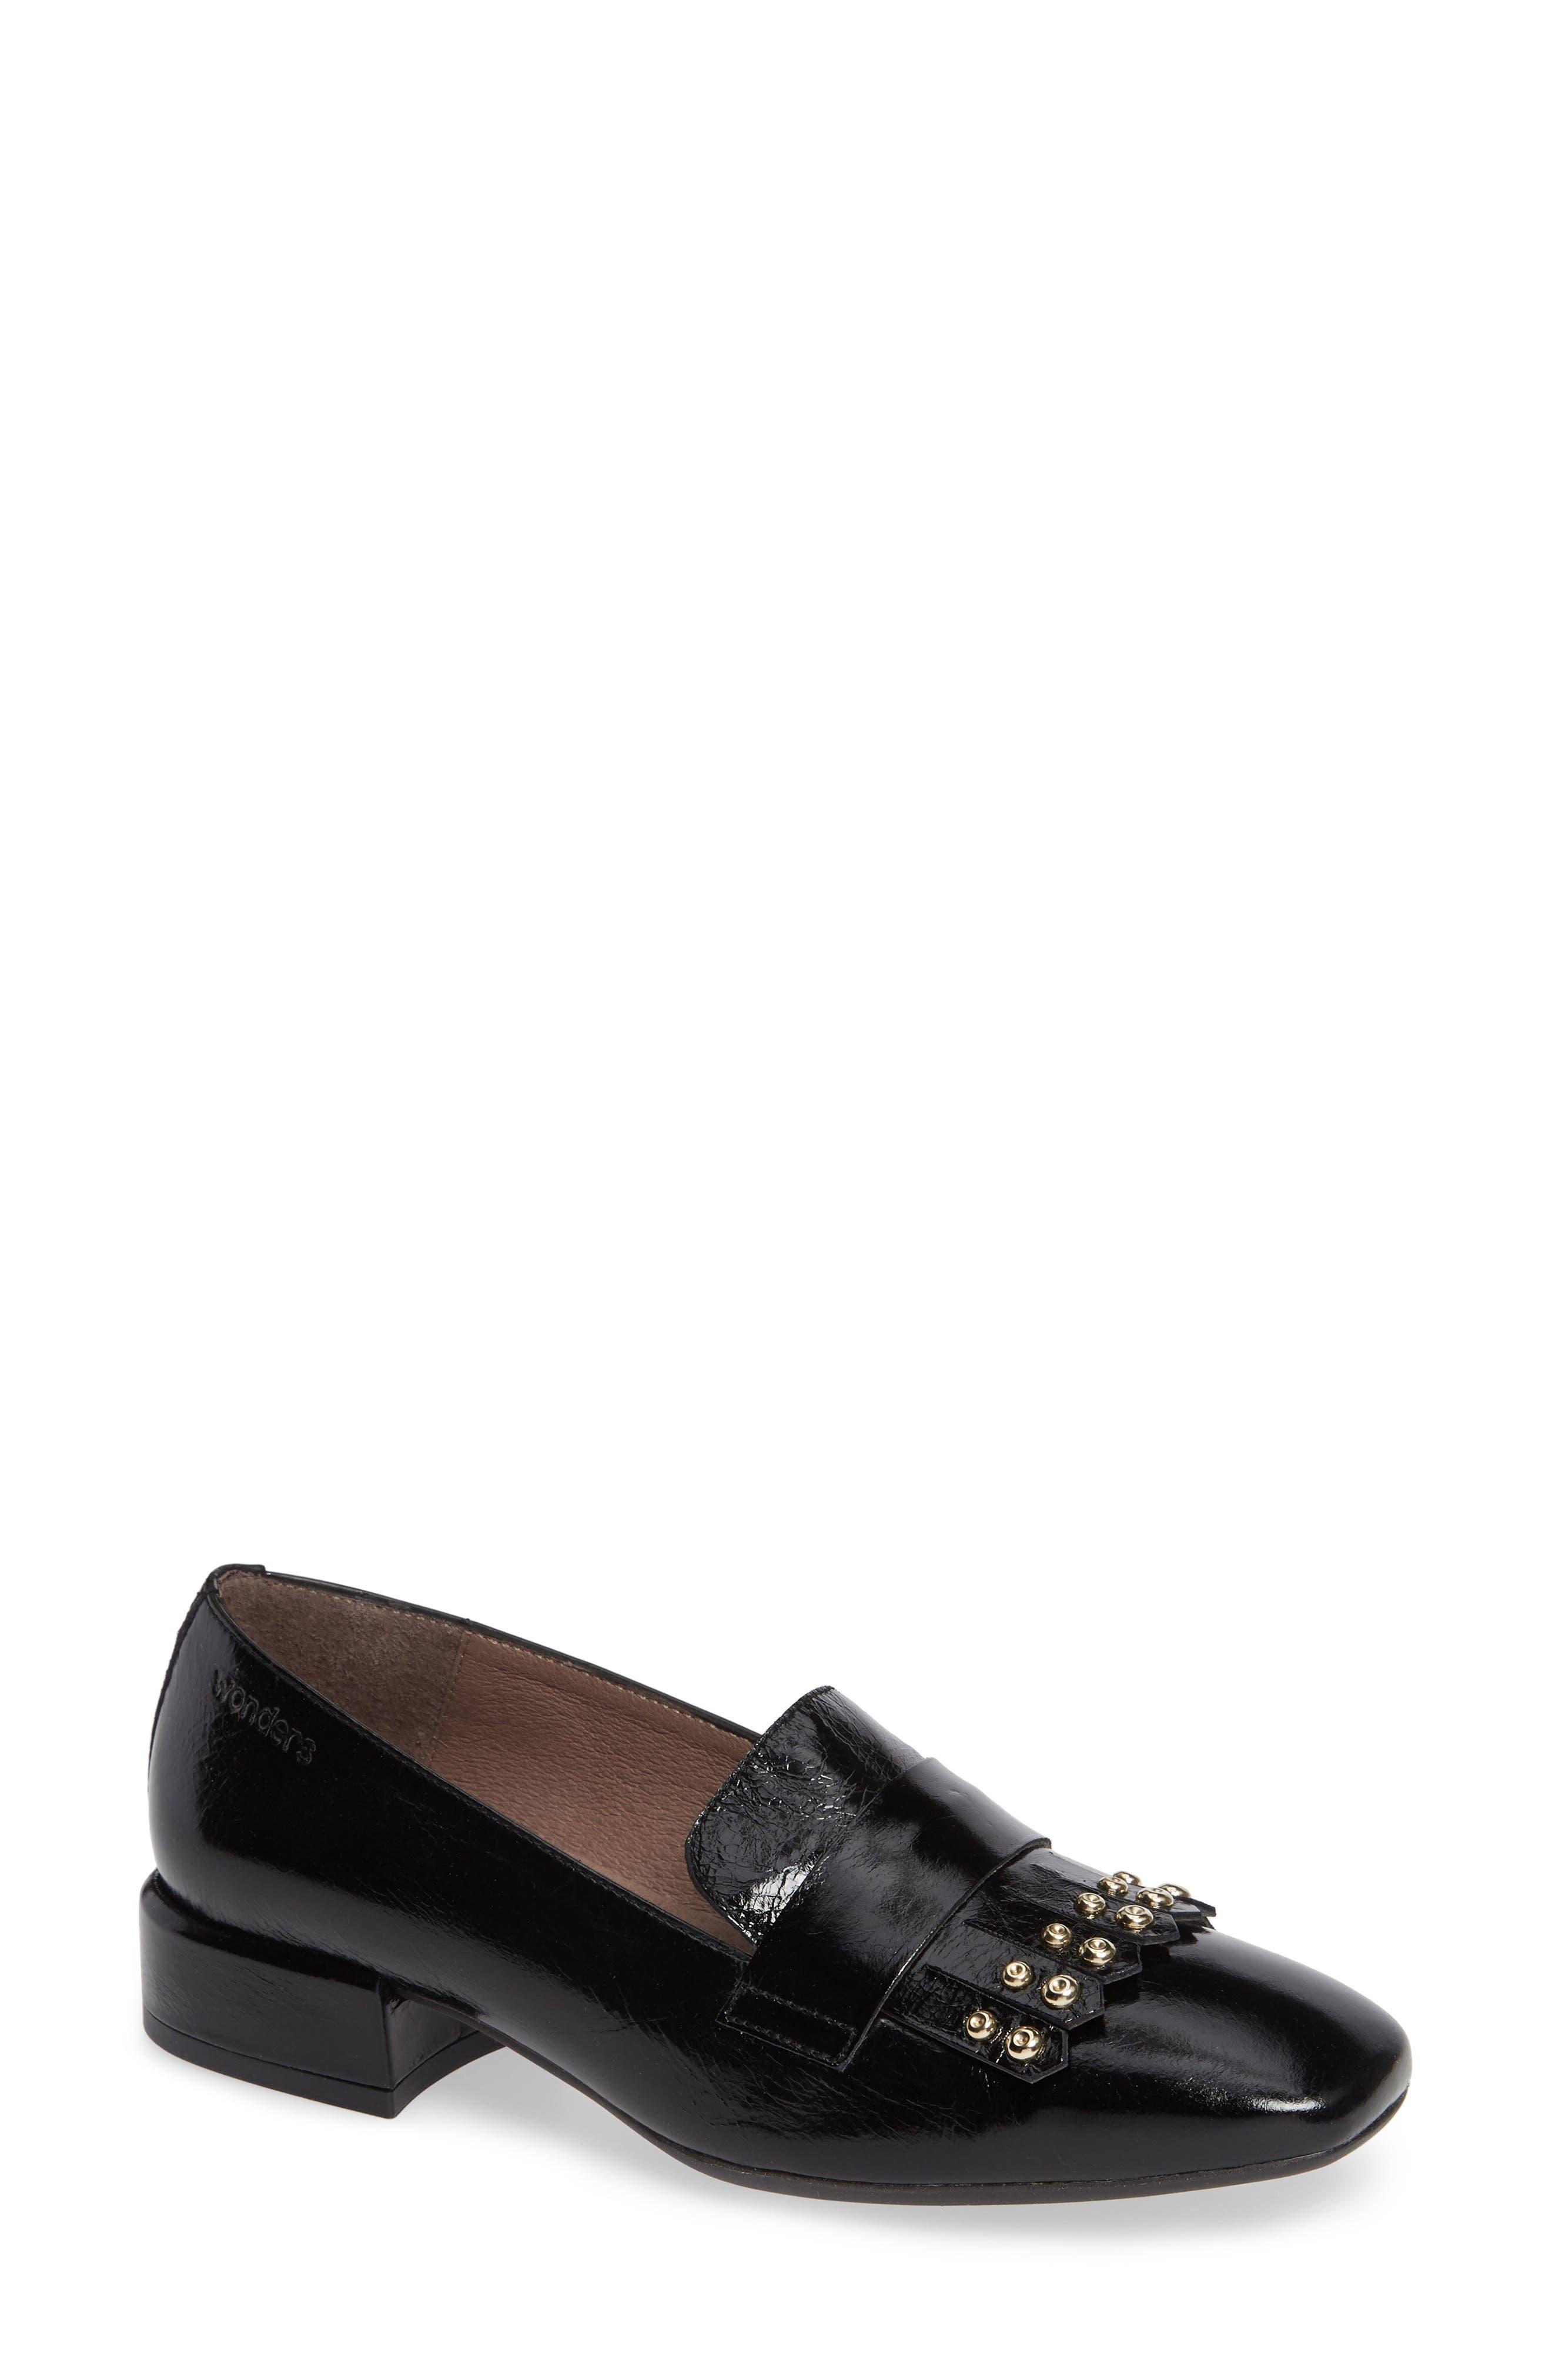 Wonders Low Heel Fringe Loafer - Black